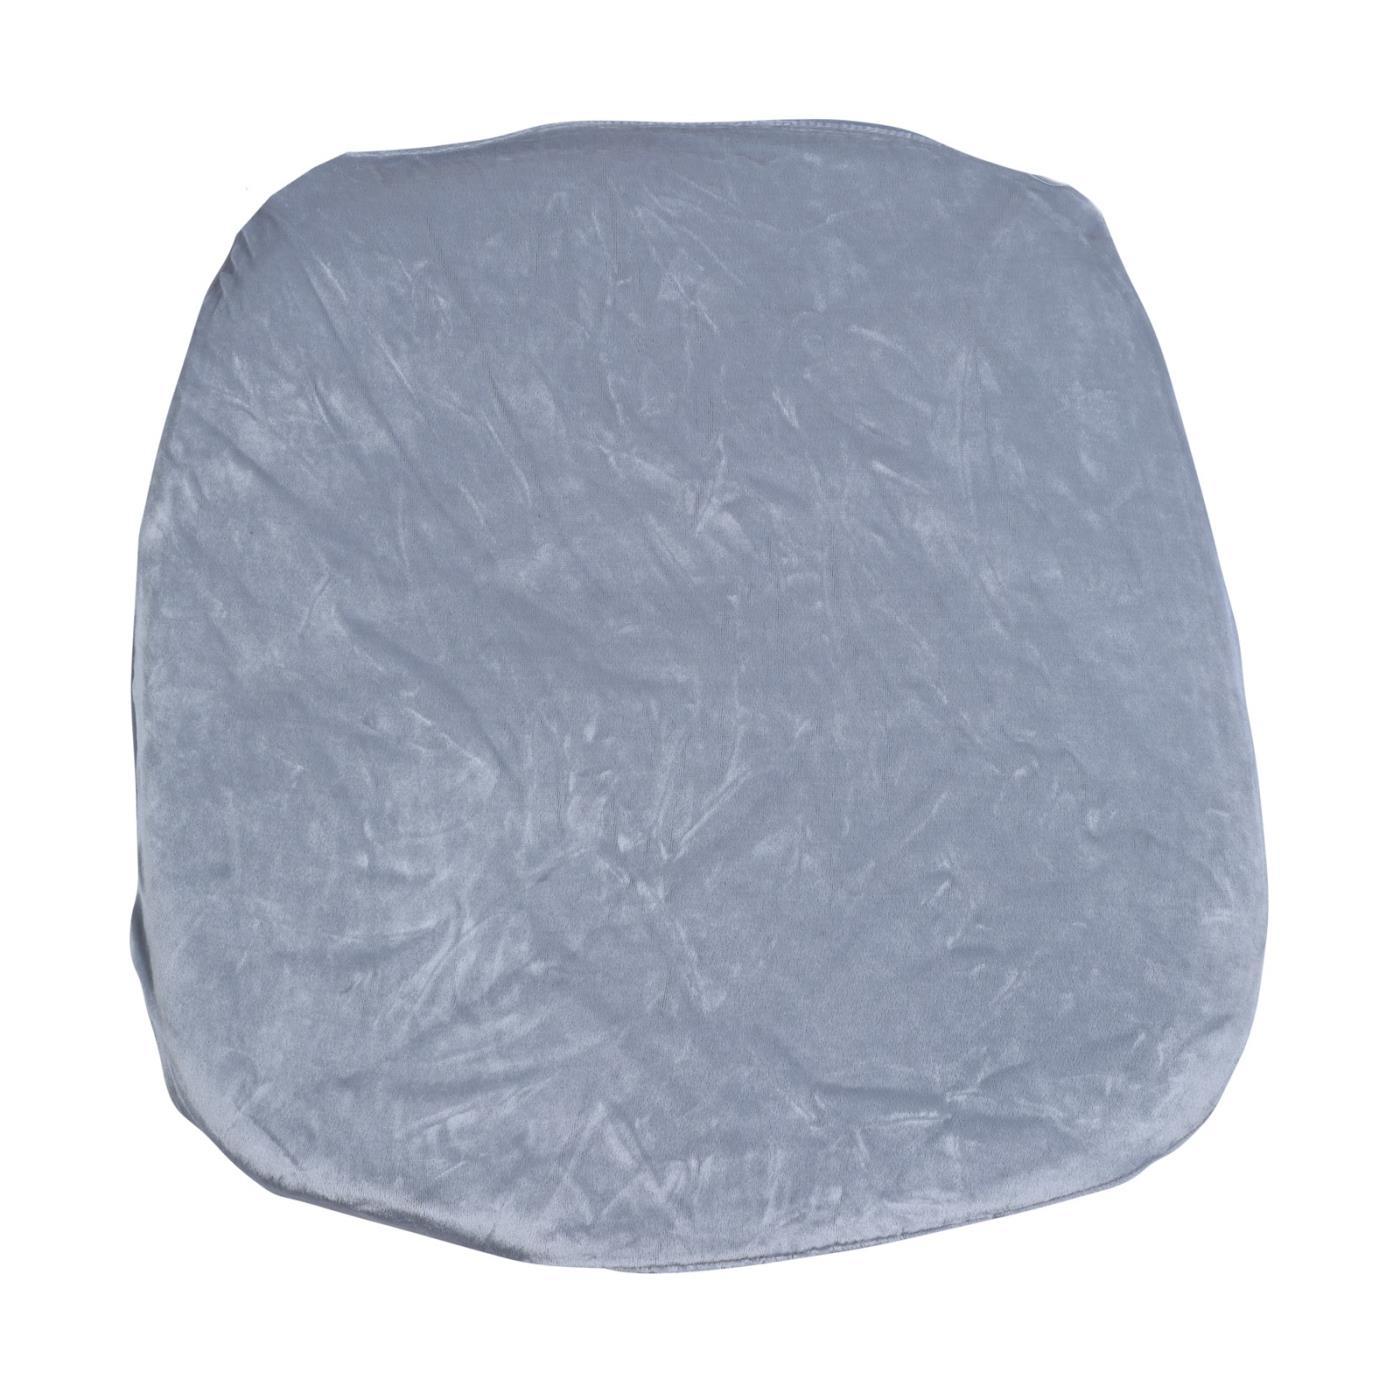 Velvet Seat Cushion - Light Grey